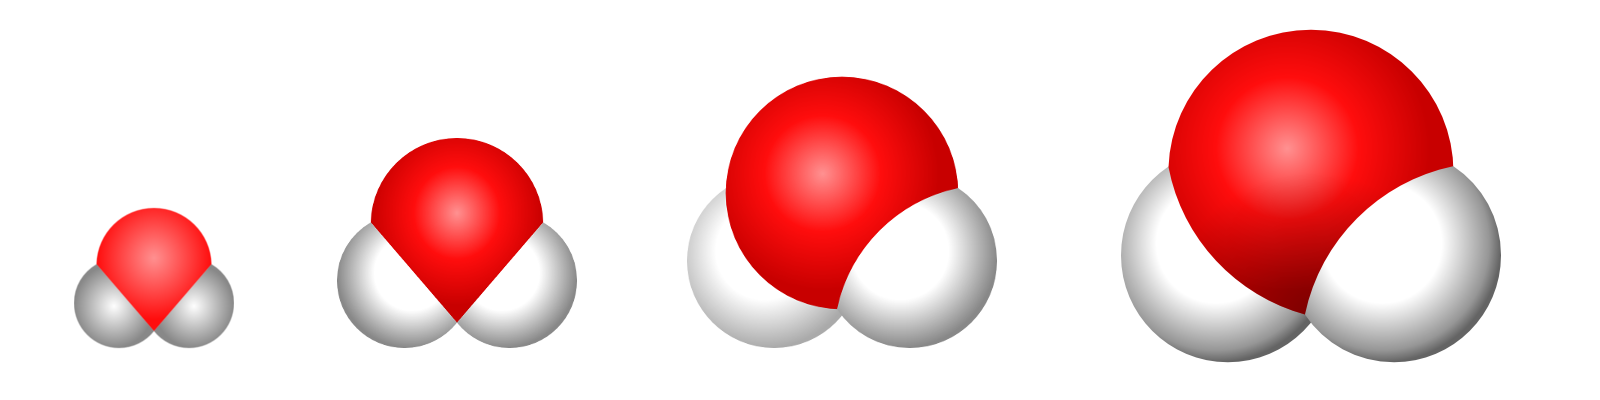 The evolution of the H2O logo